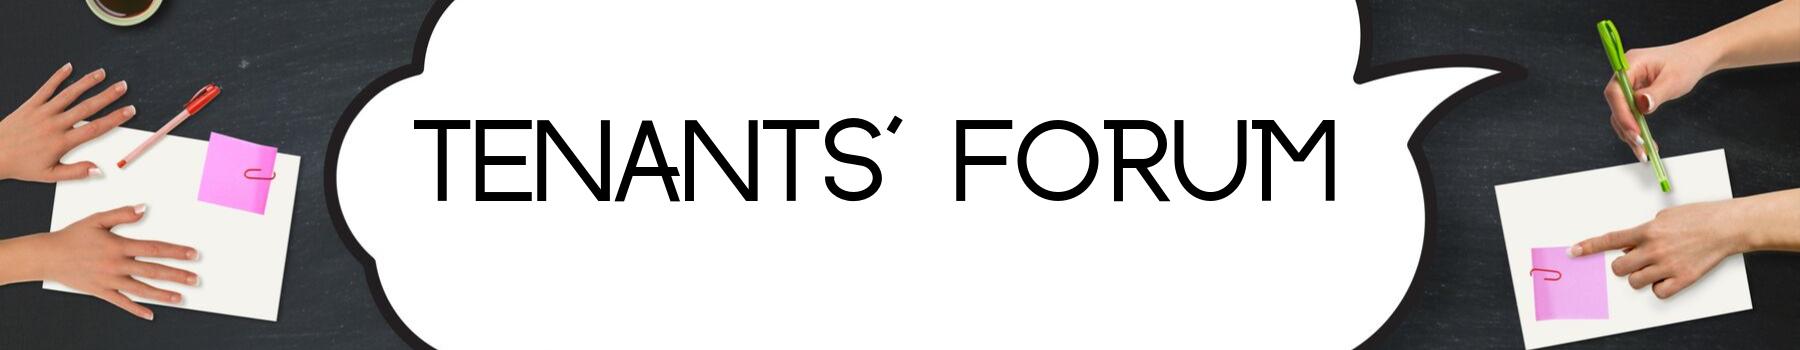 Tenants' Forum